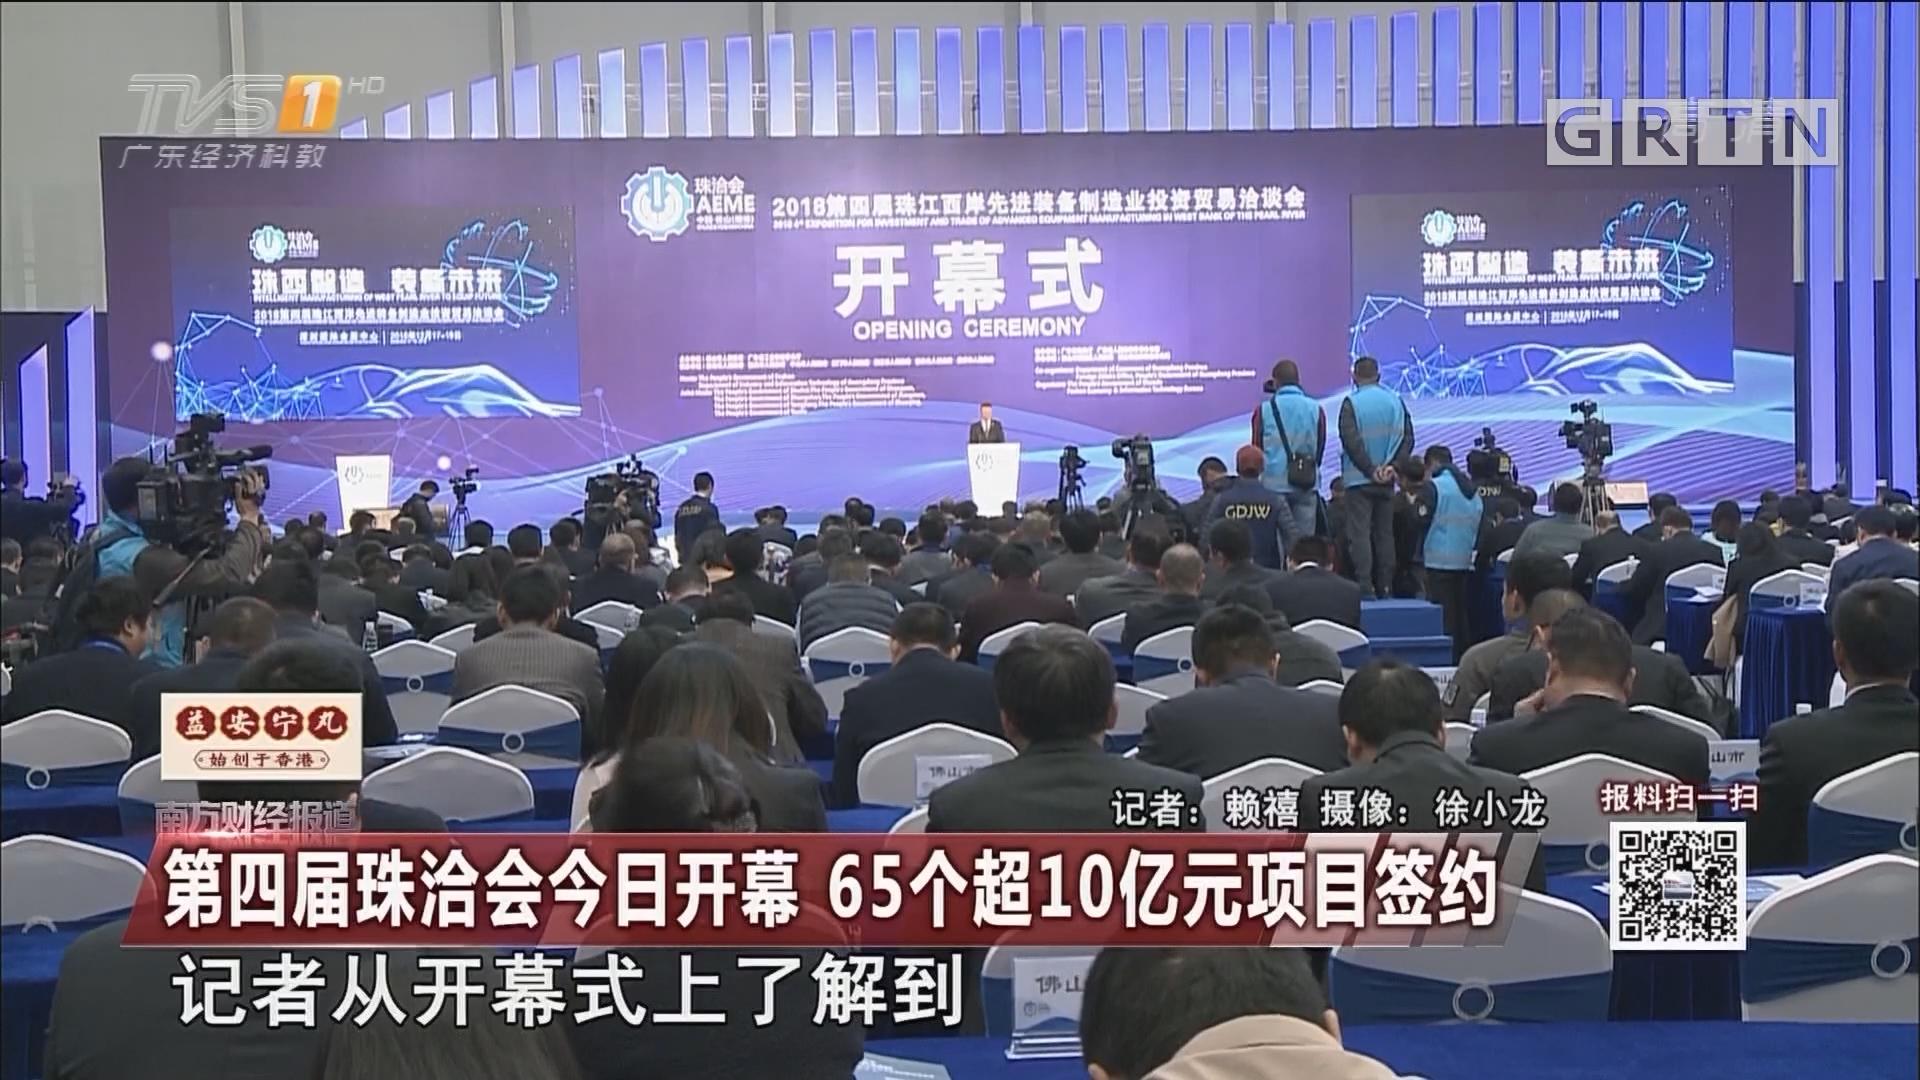 第四届珠洽会今日开幕 65个超10亿元项目签约